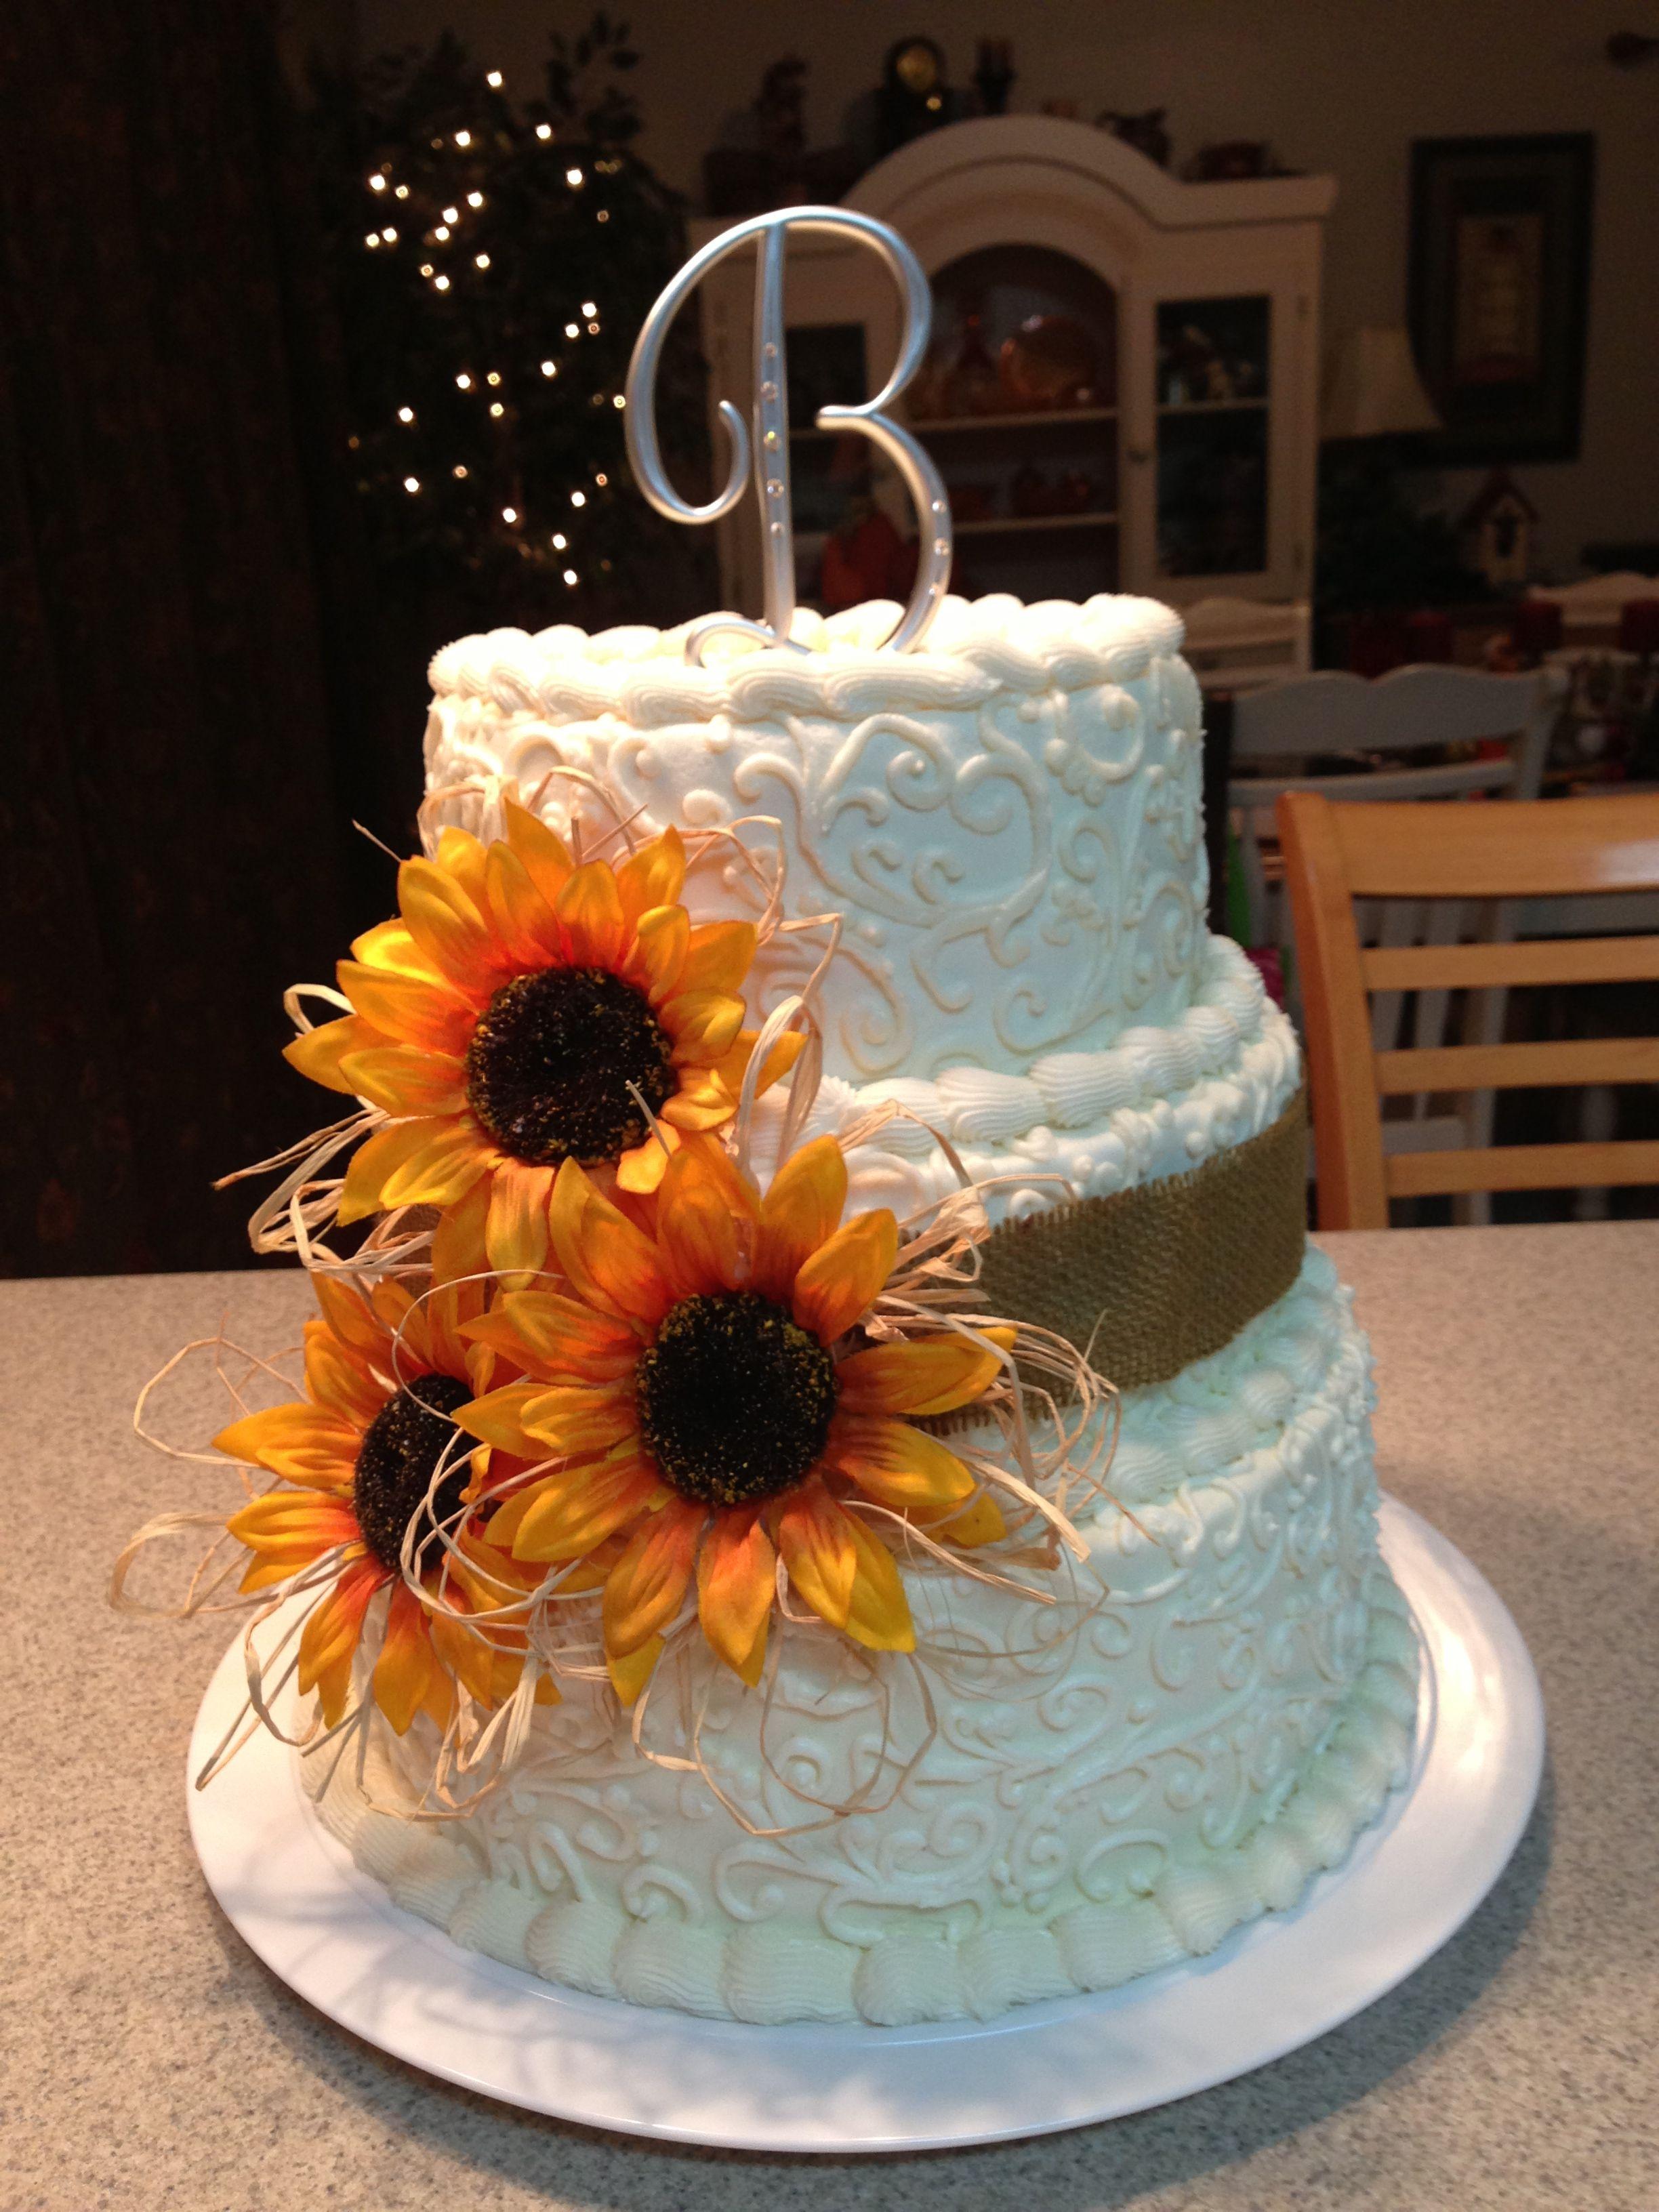 Sunflower wedding cake with burlap ribbon